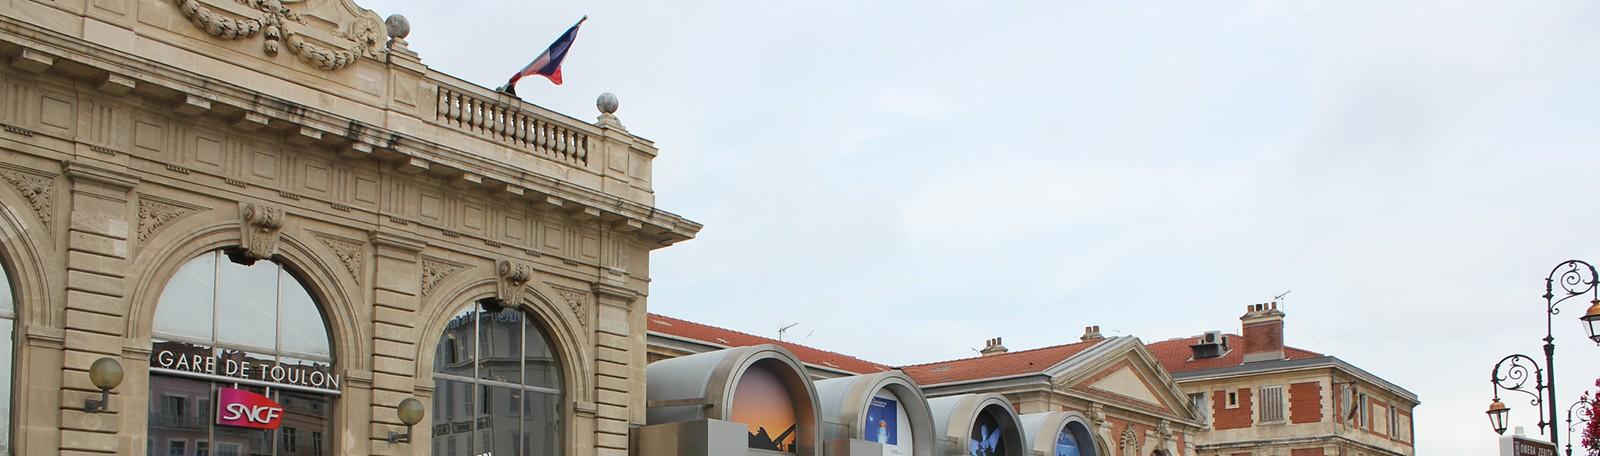 Car park Gare - Park in Toulon | Q-Park